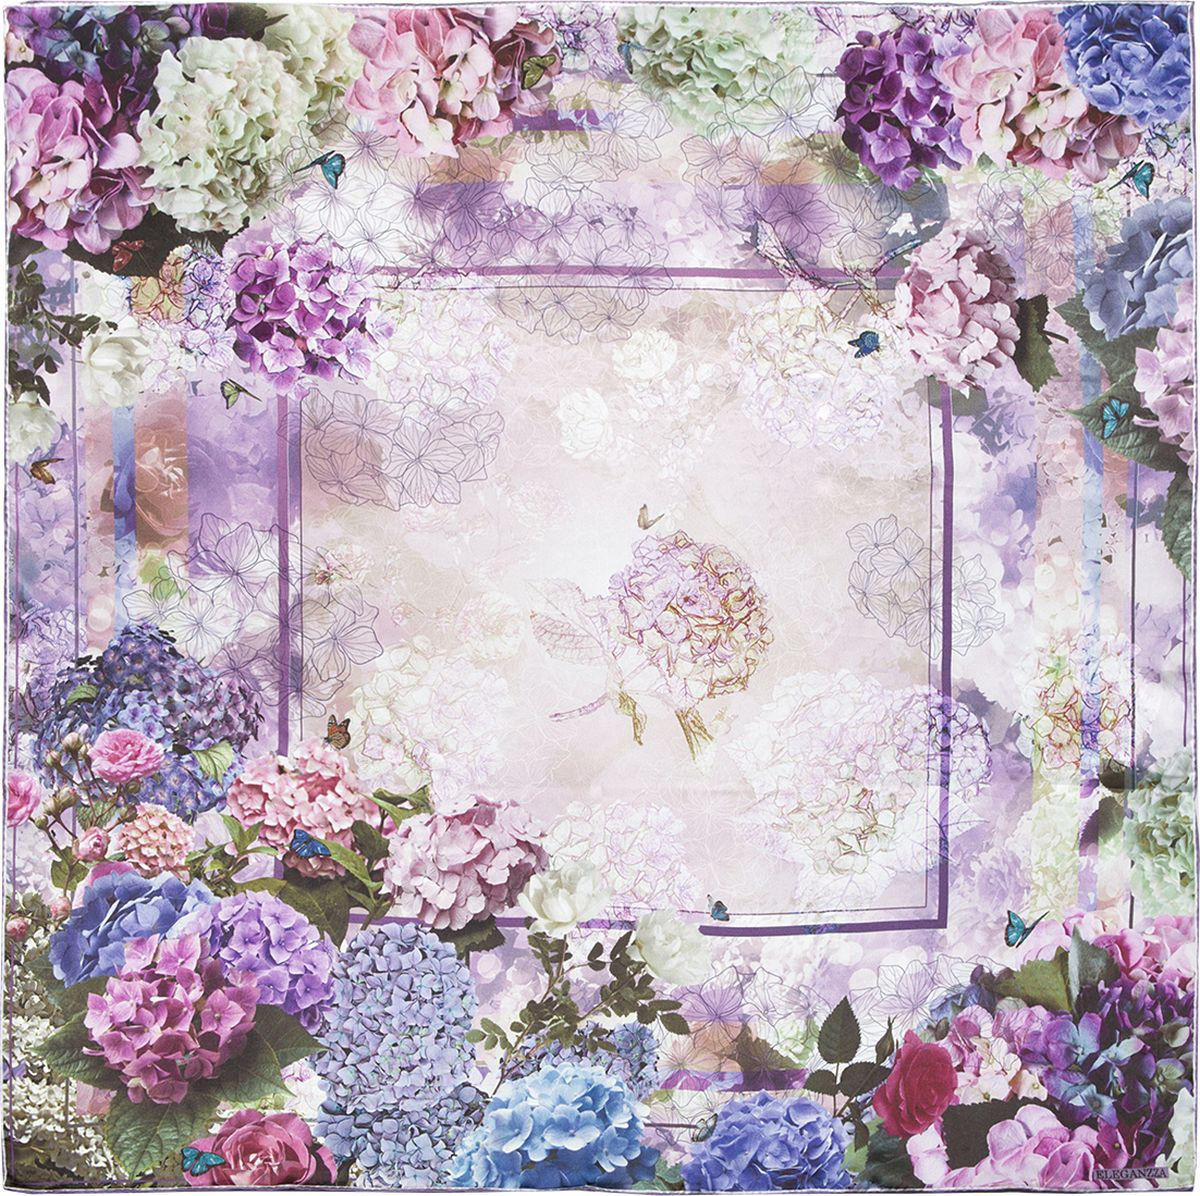 Платок женский Eleganzza, цвет: лиловый. KA03-8133. Размер 90 см х 90 смKA03-8133Платок Eleganzza, выполненный из шелка, идеально дополнит образ современной женщины. Модель оформлена цветочным принтом. Классическая квадратная форма позволяет носить платок на шее, украшать им прическу или декорировать сумочку. С таким замечательным аксессуаром вы всегда будете выглядеть женственно и привлекательно.